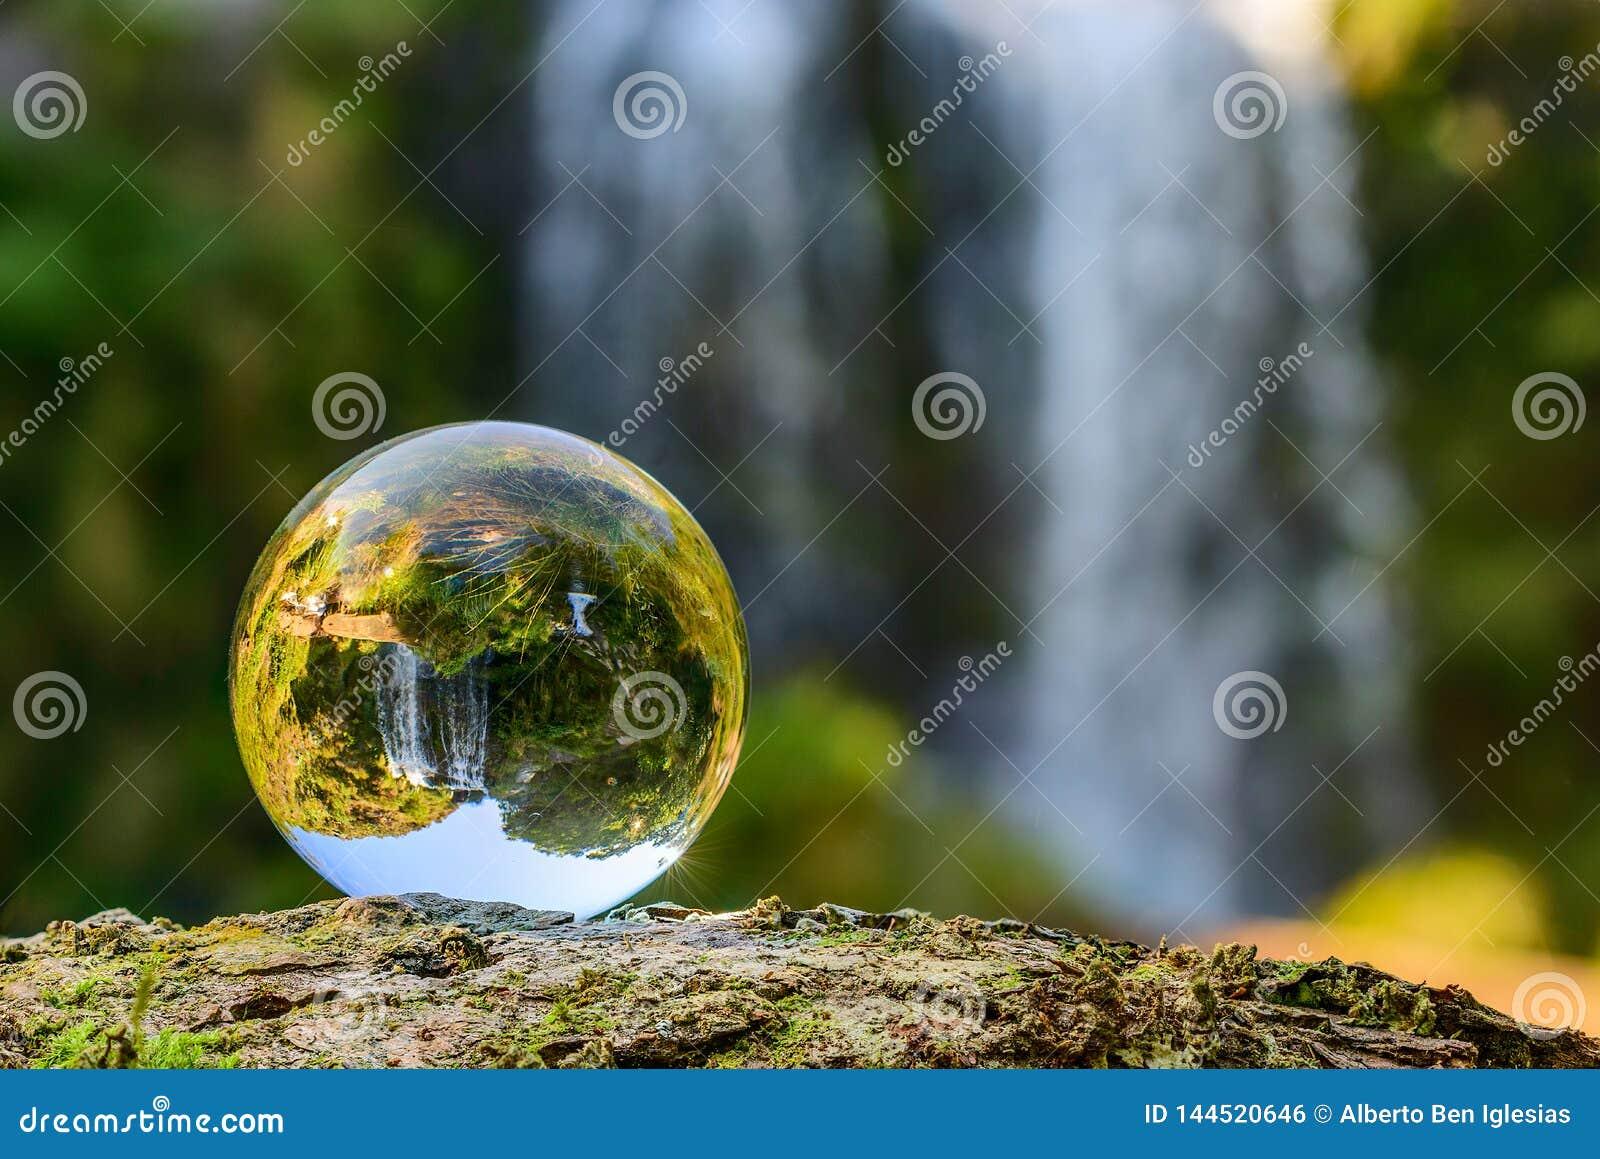 Waterval in een kristallen bol